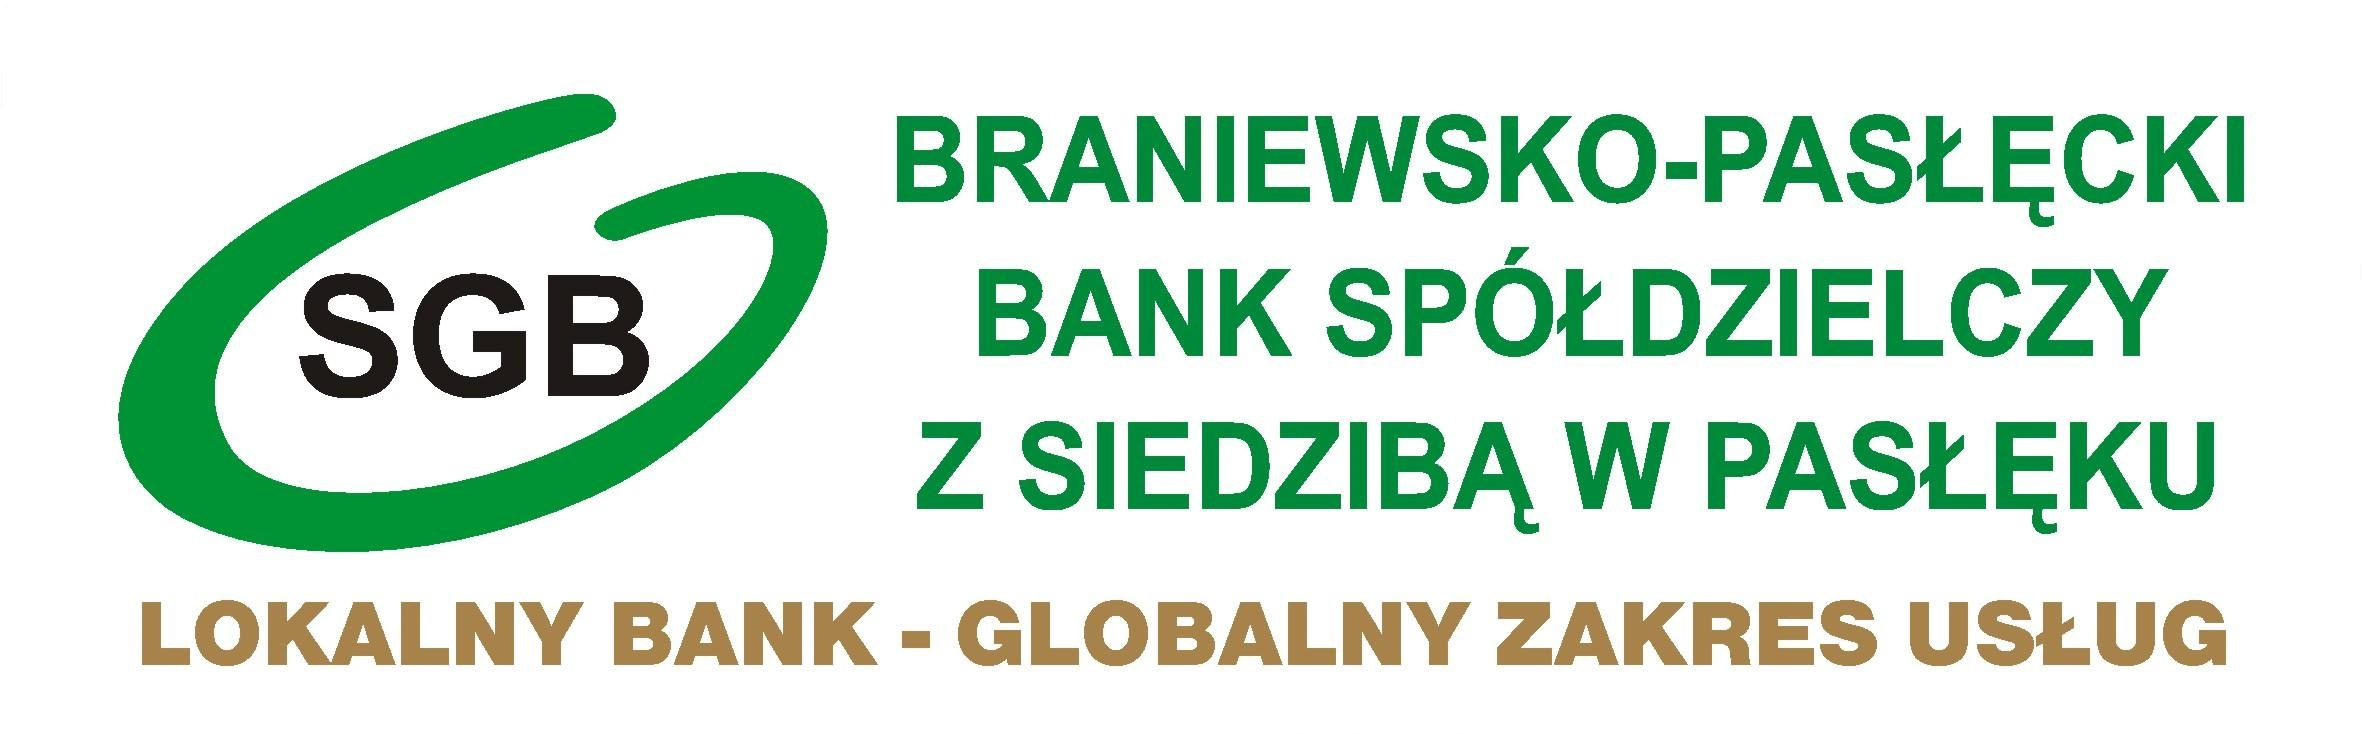 Stopa bazowa WIBOR 3M dla kredytów i pożyczek zabezpieczonych hipotecznie - Braniewsko-Pasłęcki Bank Spółdzielczy z siedzibą w Pasłęku